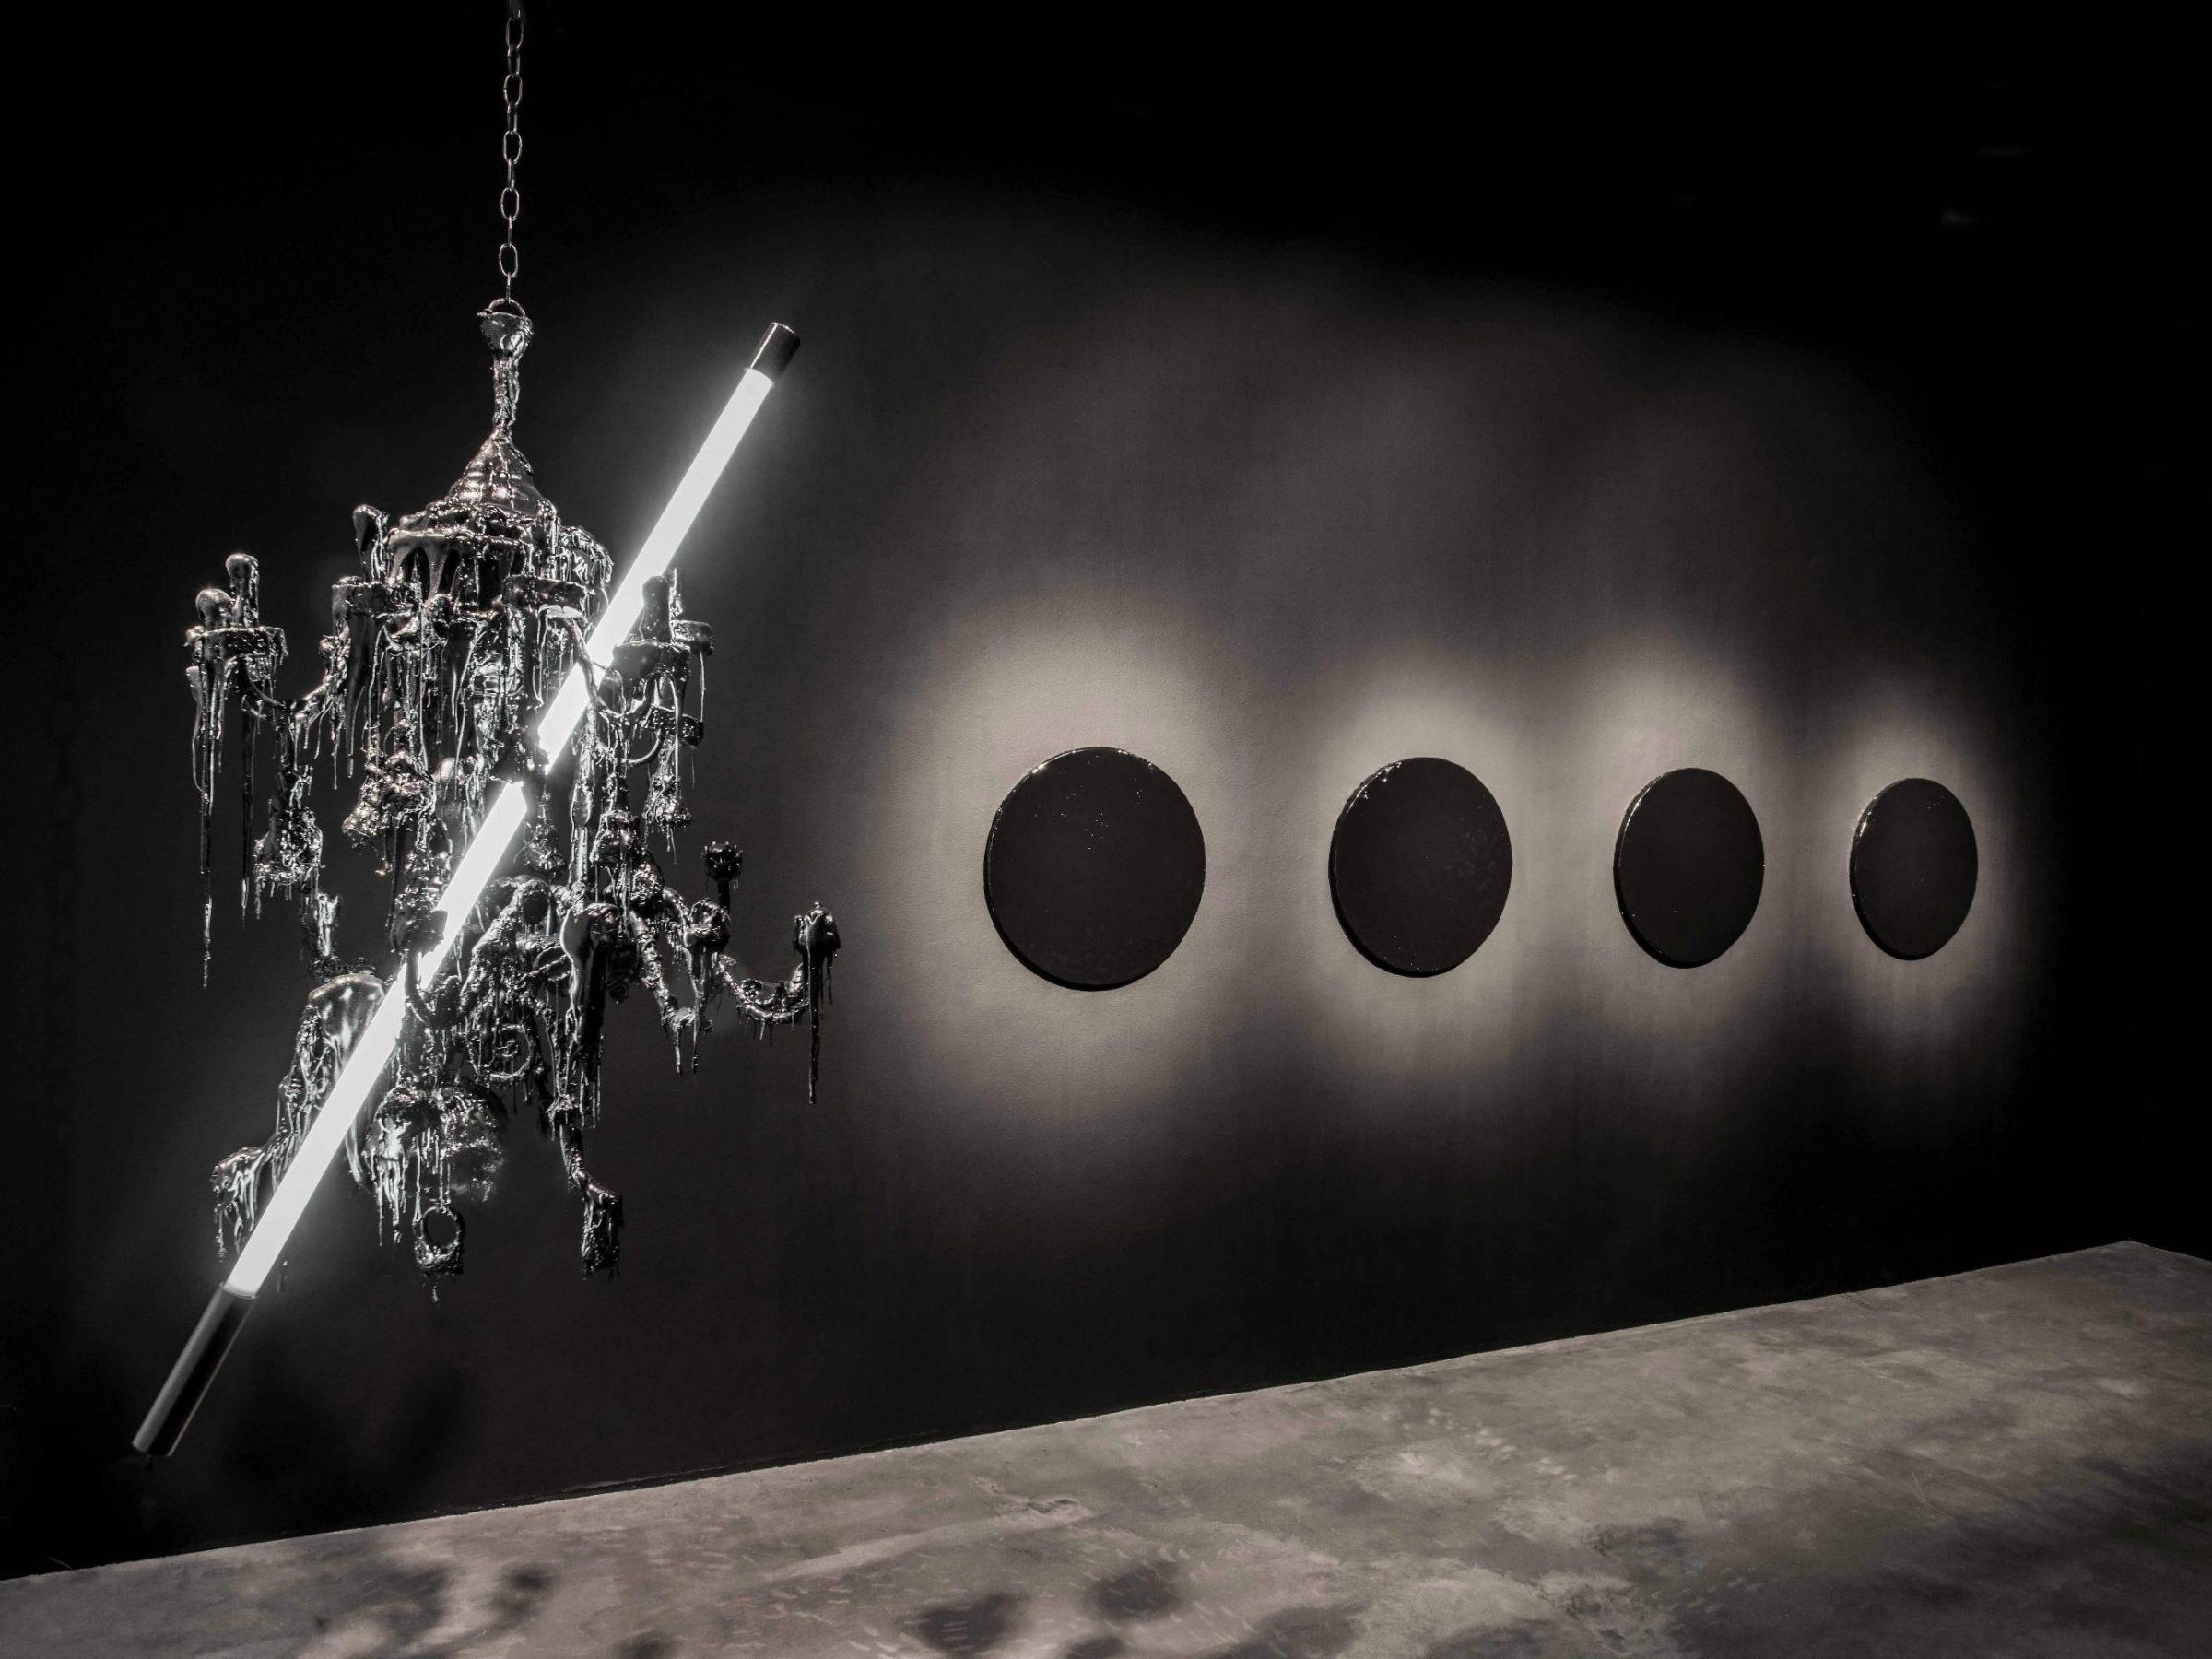 mattiabiagi 2933 edit3 | Twentieth Design Gallery  Los Angeles